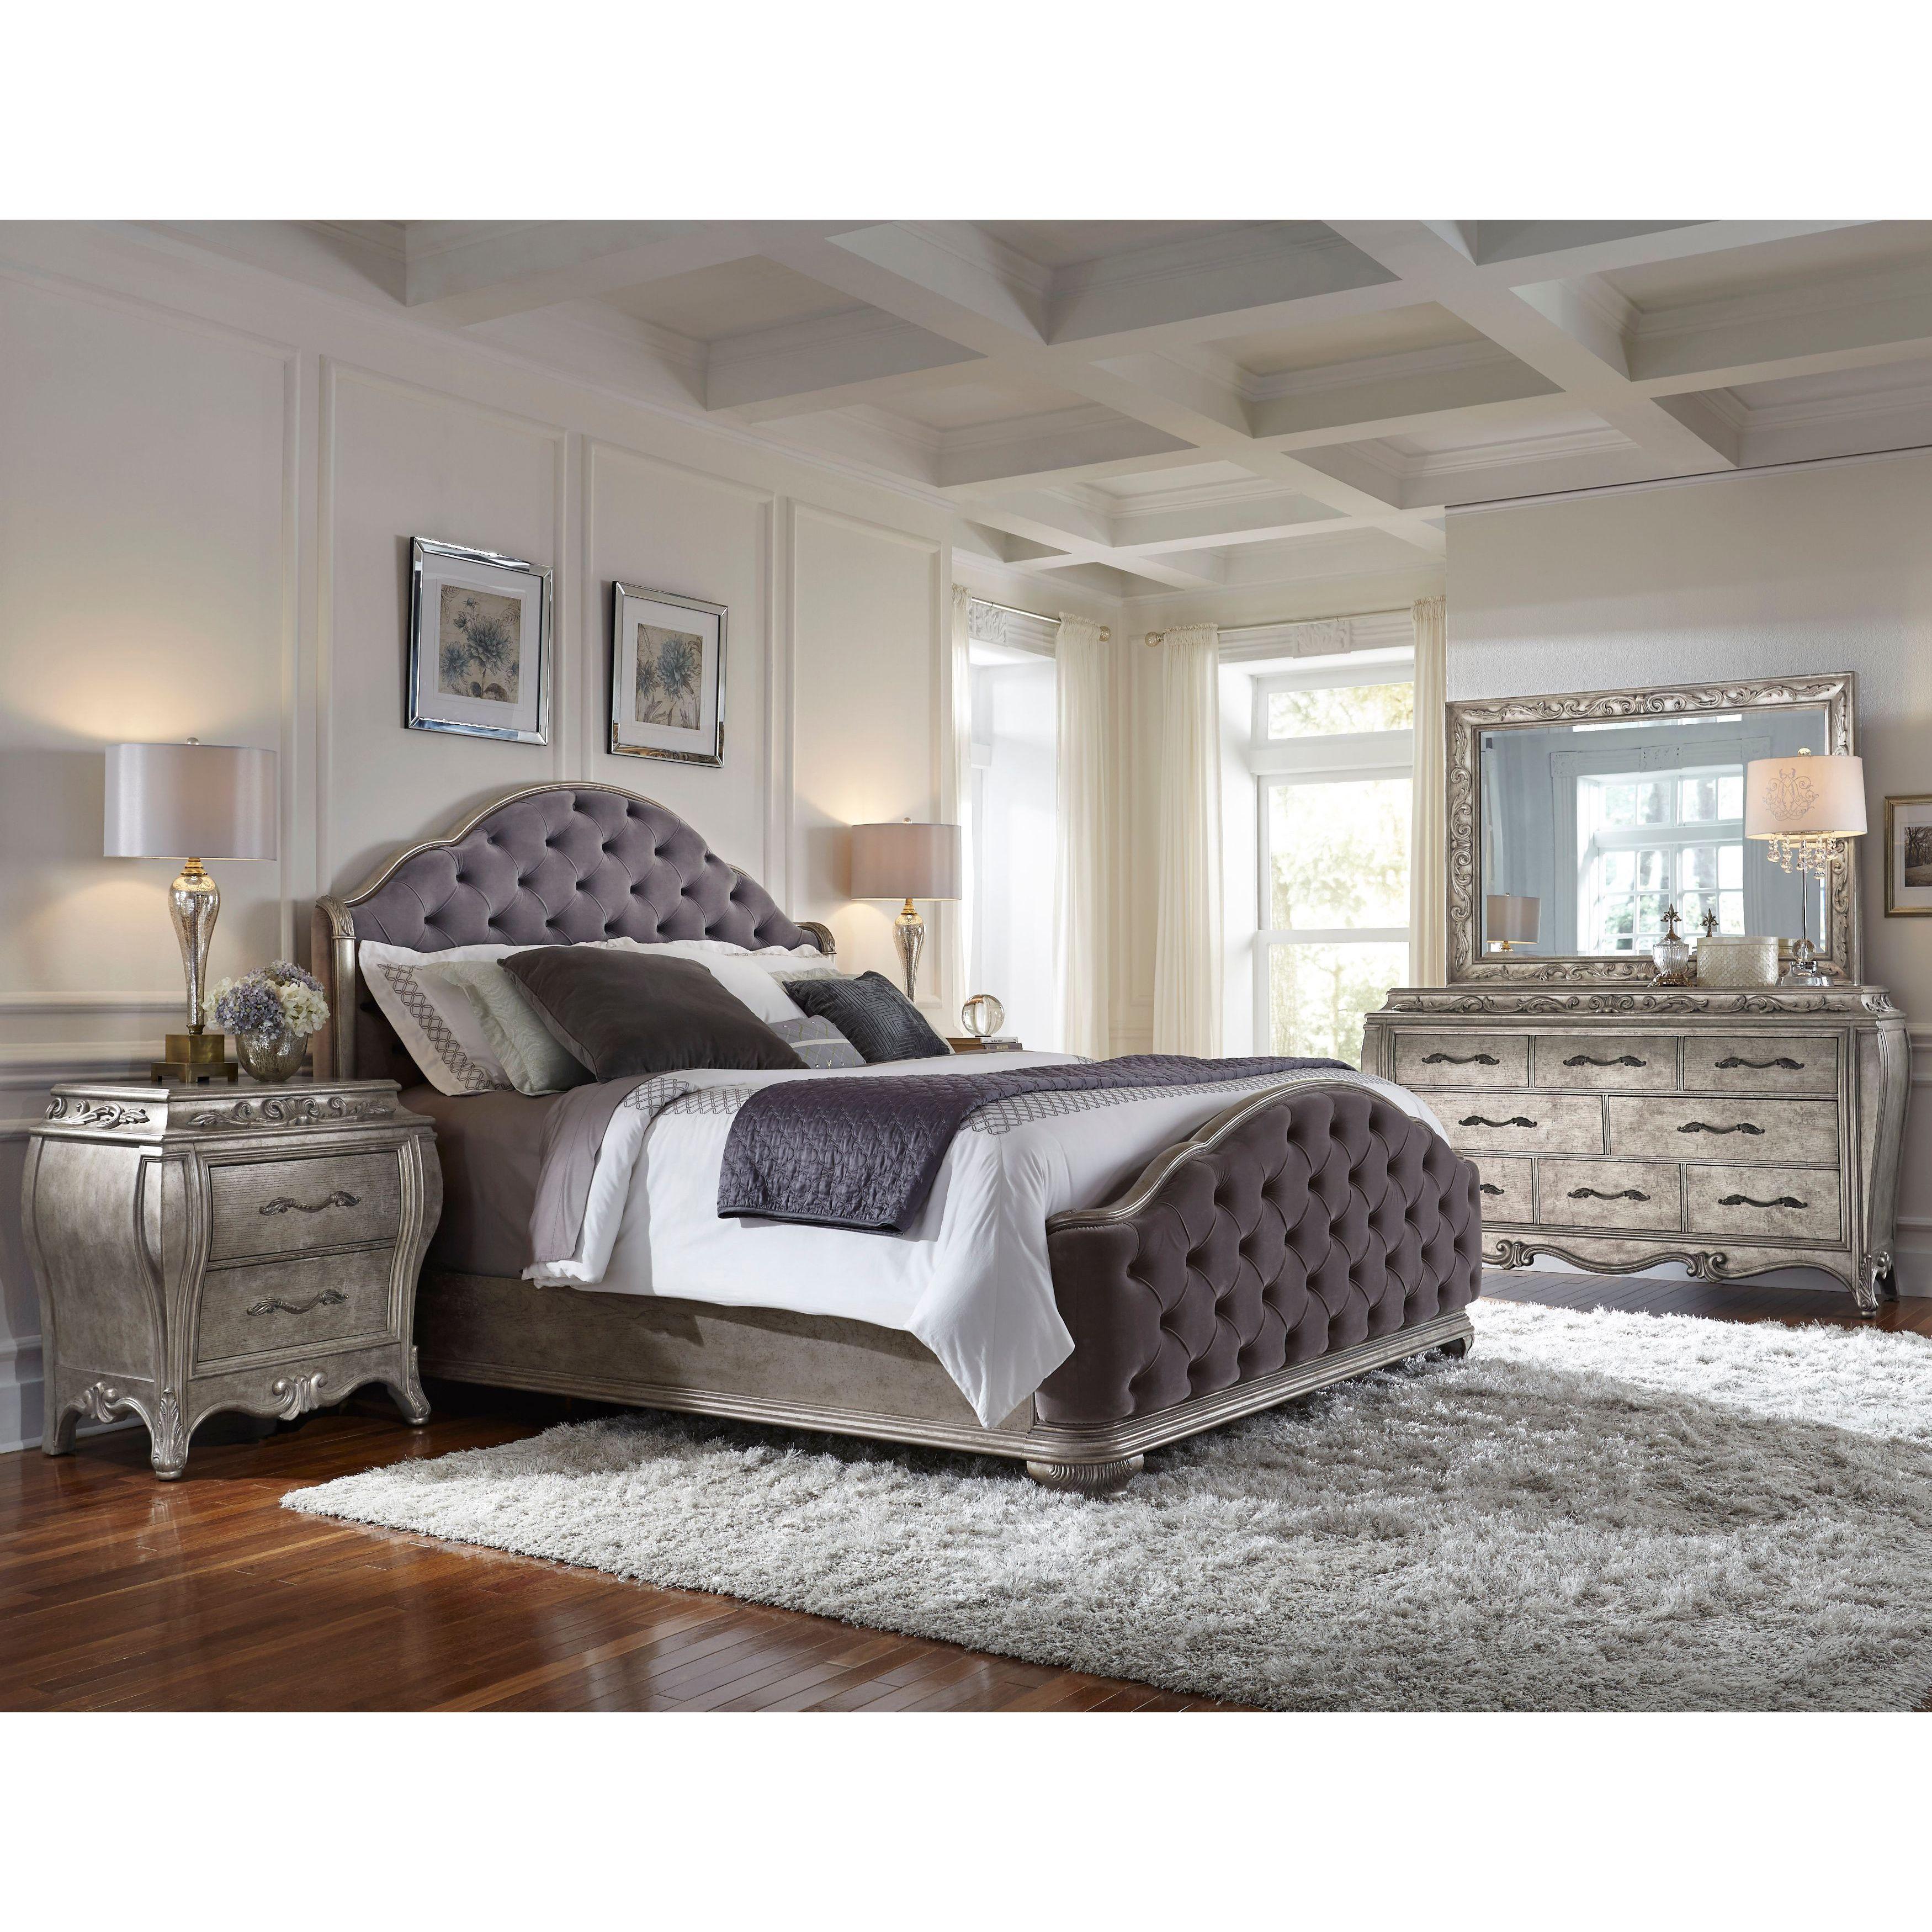 Anastasia Queen Size Bed Frame Bedroom Set Grey Bed Rooms